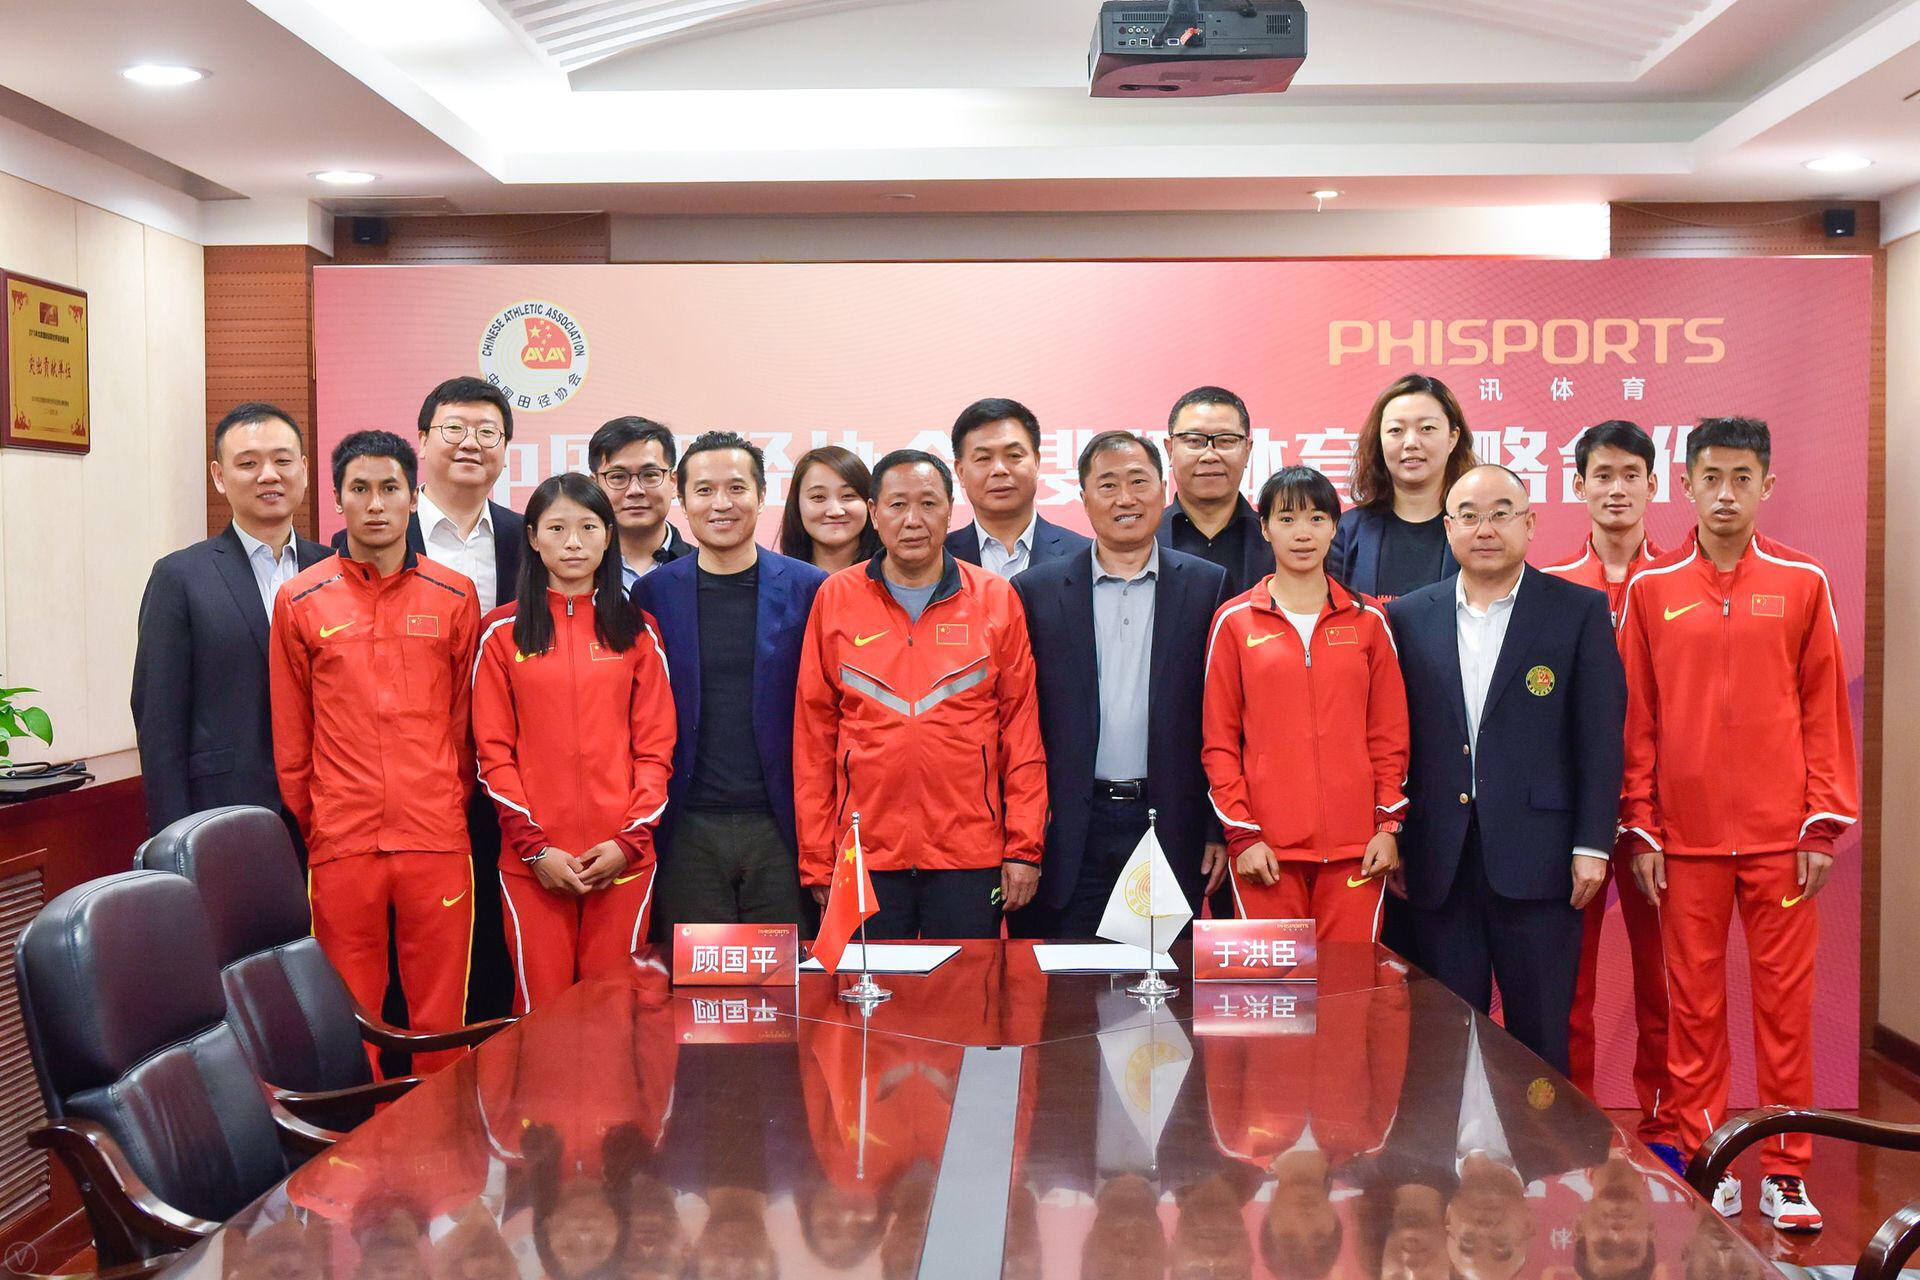 中国田径协会与斐讯体育达成战略合作,共创中国田径实体化改革新模式